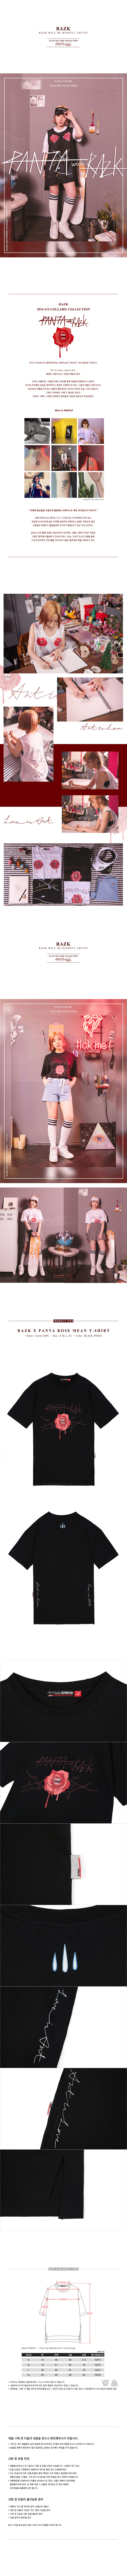 [라지크] RAZK X PANTA ROSE MEAN T-SHIRT (BLACK) 반팔 반팔티 티셔츠 판타 콜라보